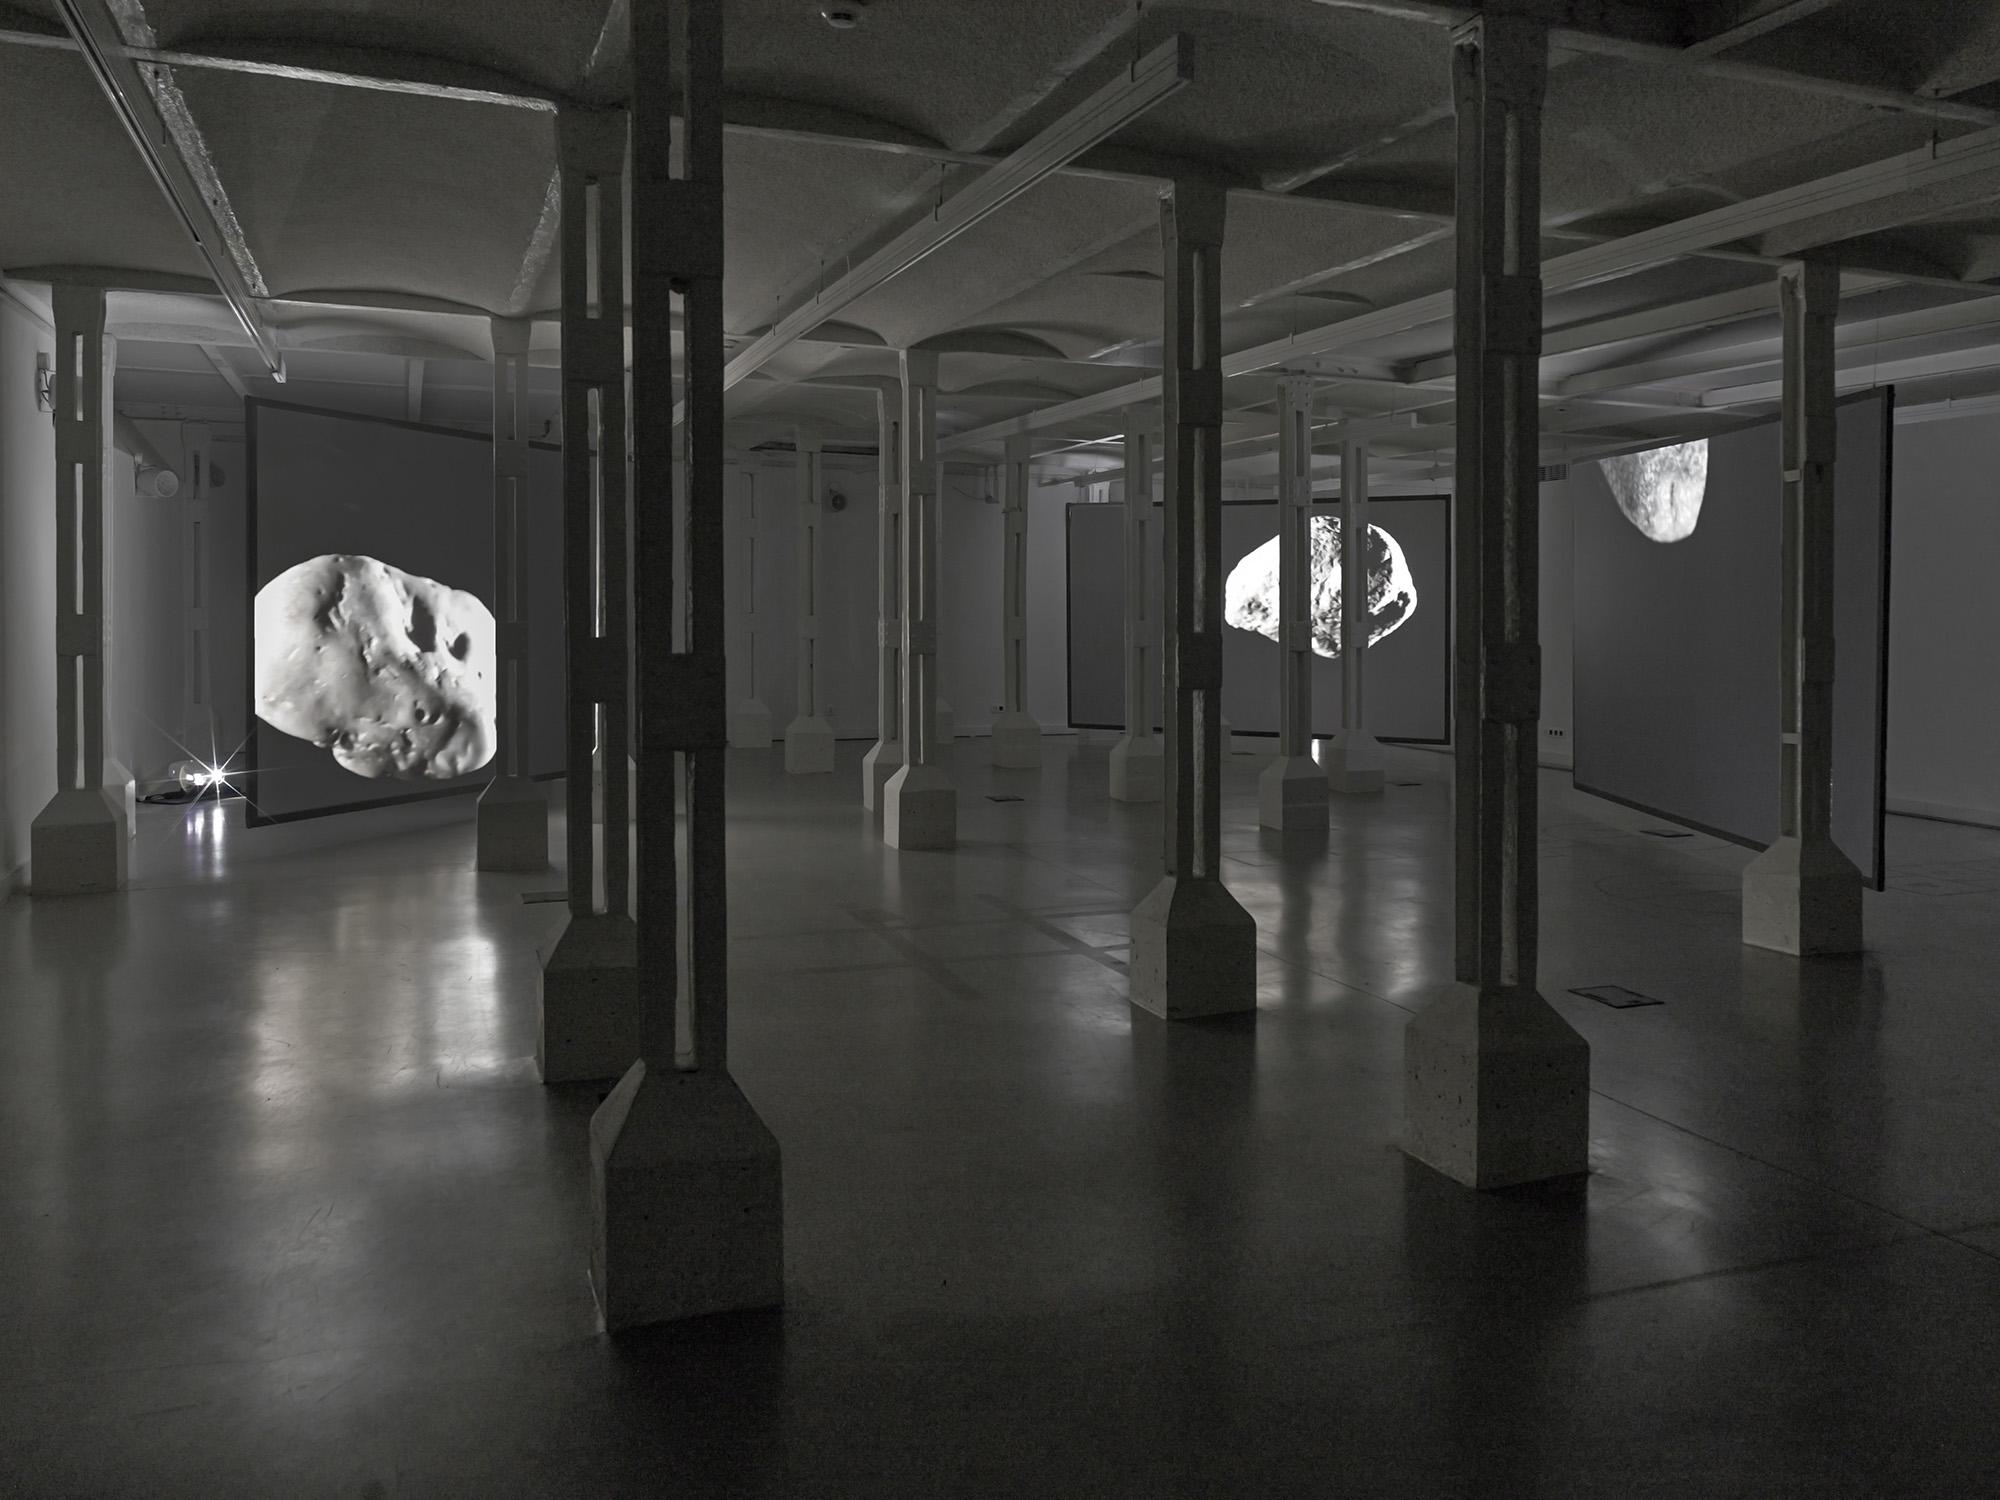 Alicja Kwade, Thoas, Agrios, Gration, 2009, fot.Roman März